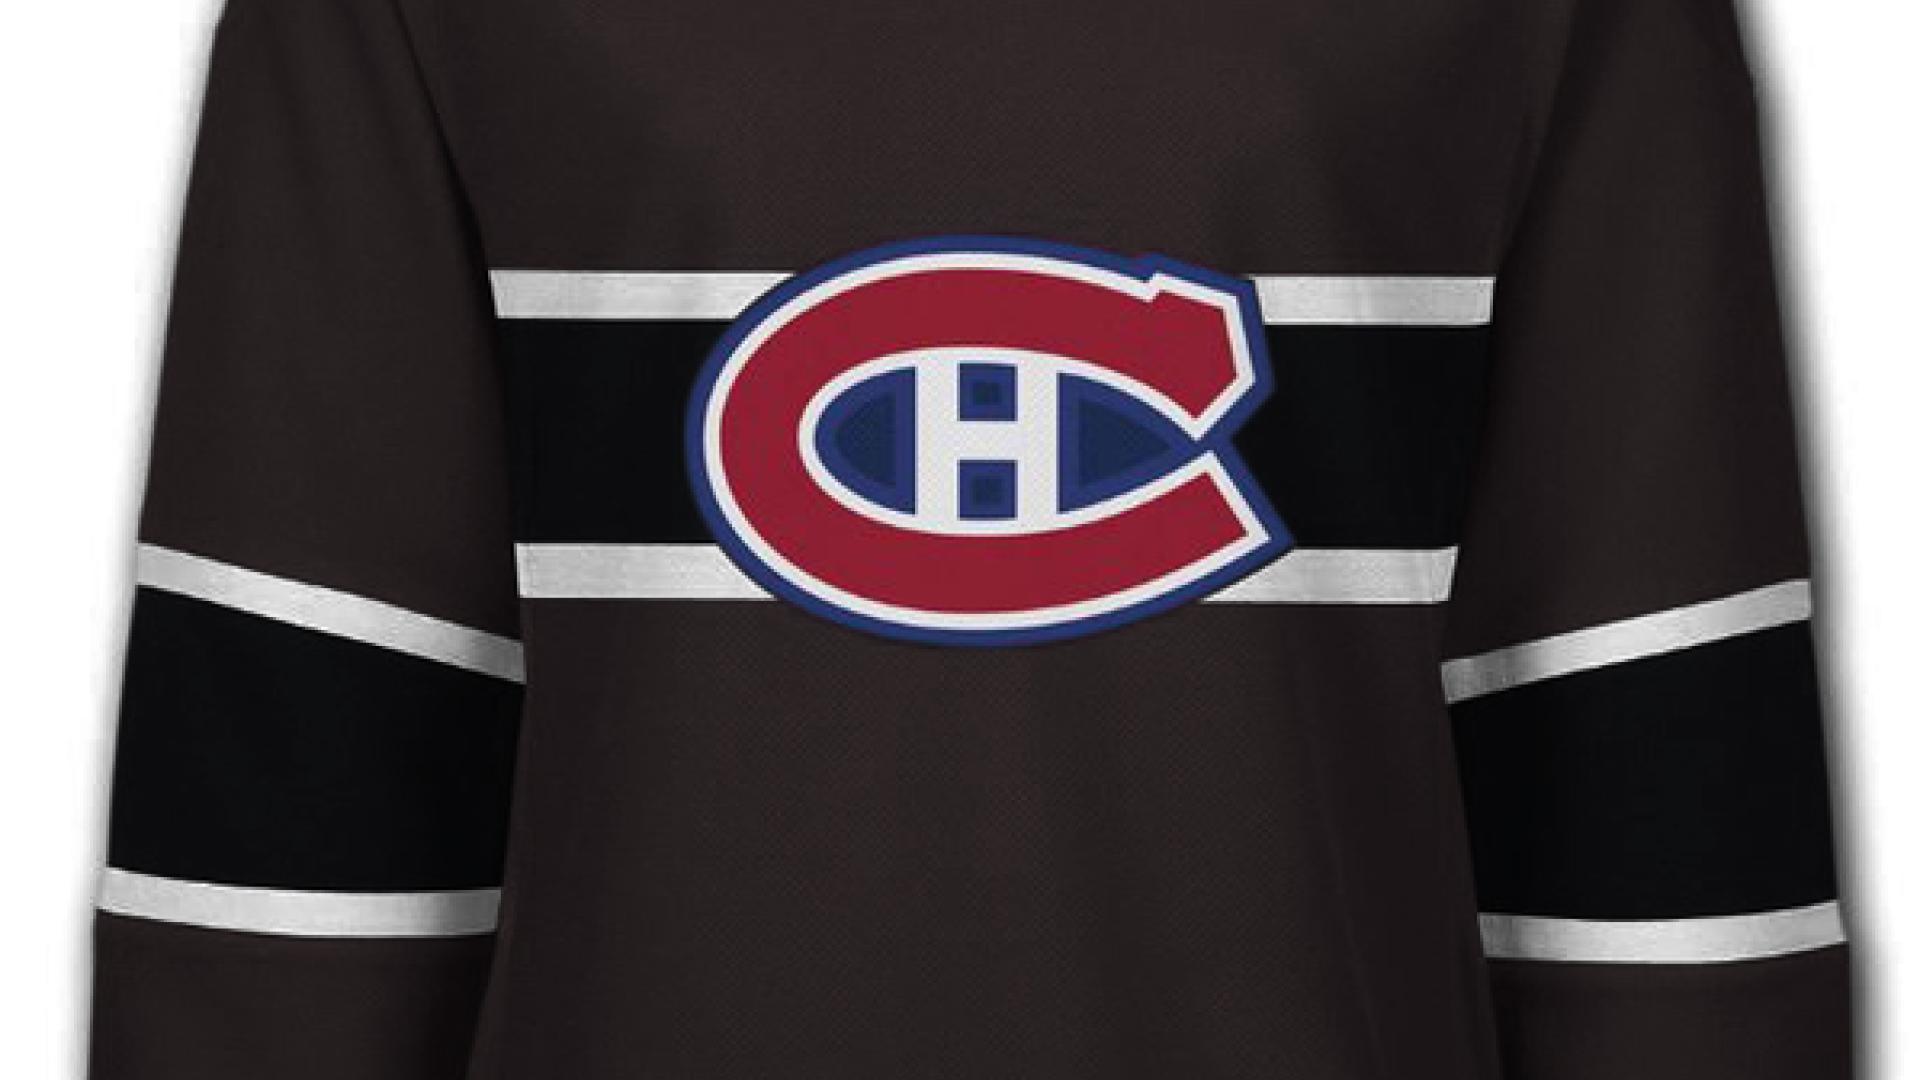 Nouveau Chandail Du Ch En Noir Et Blanc Canadiens Grand Club Rds Ca